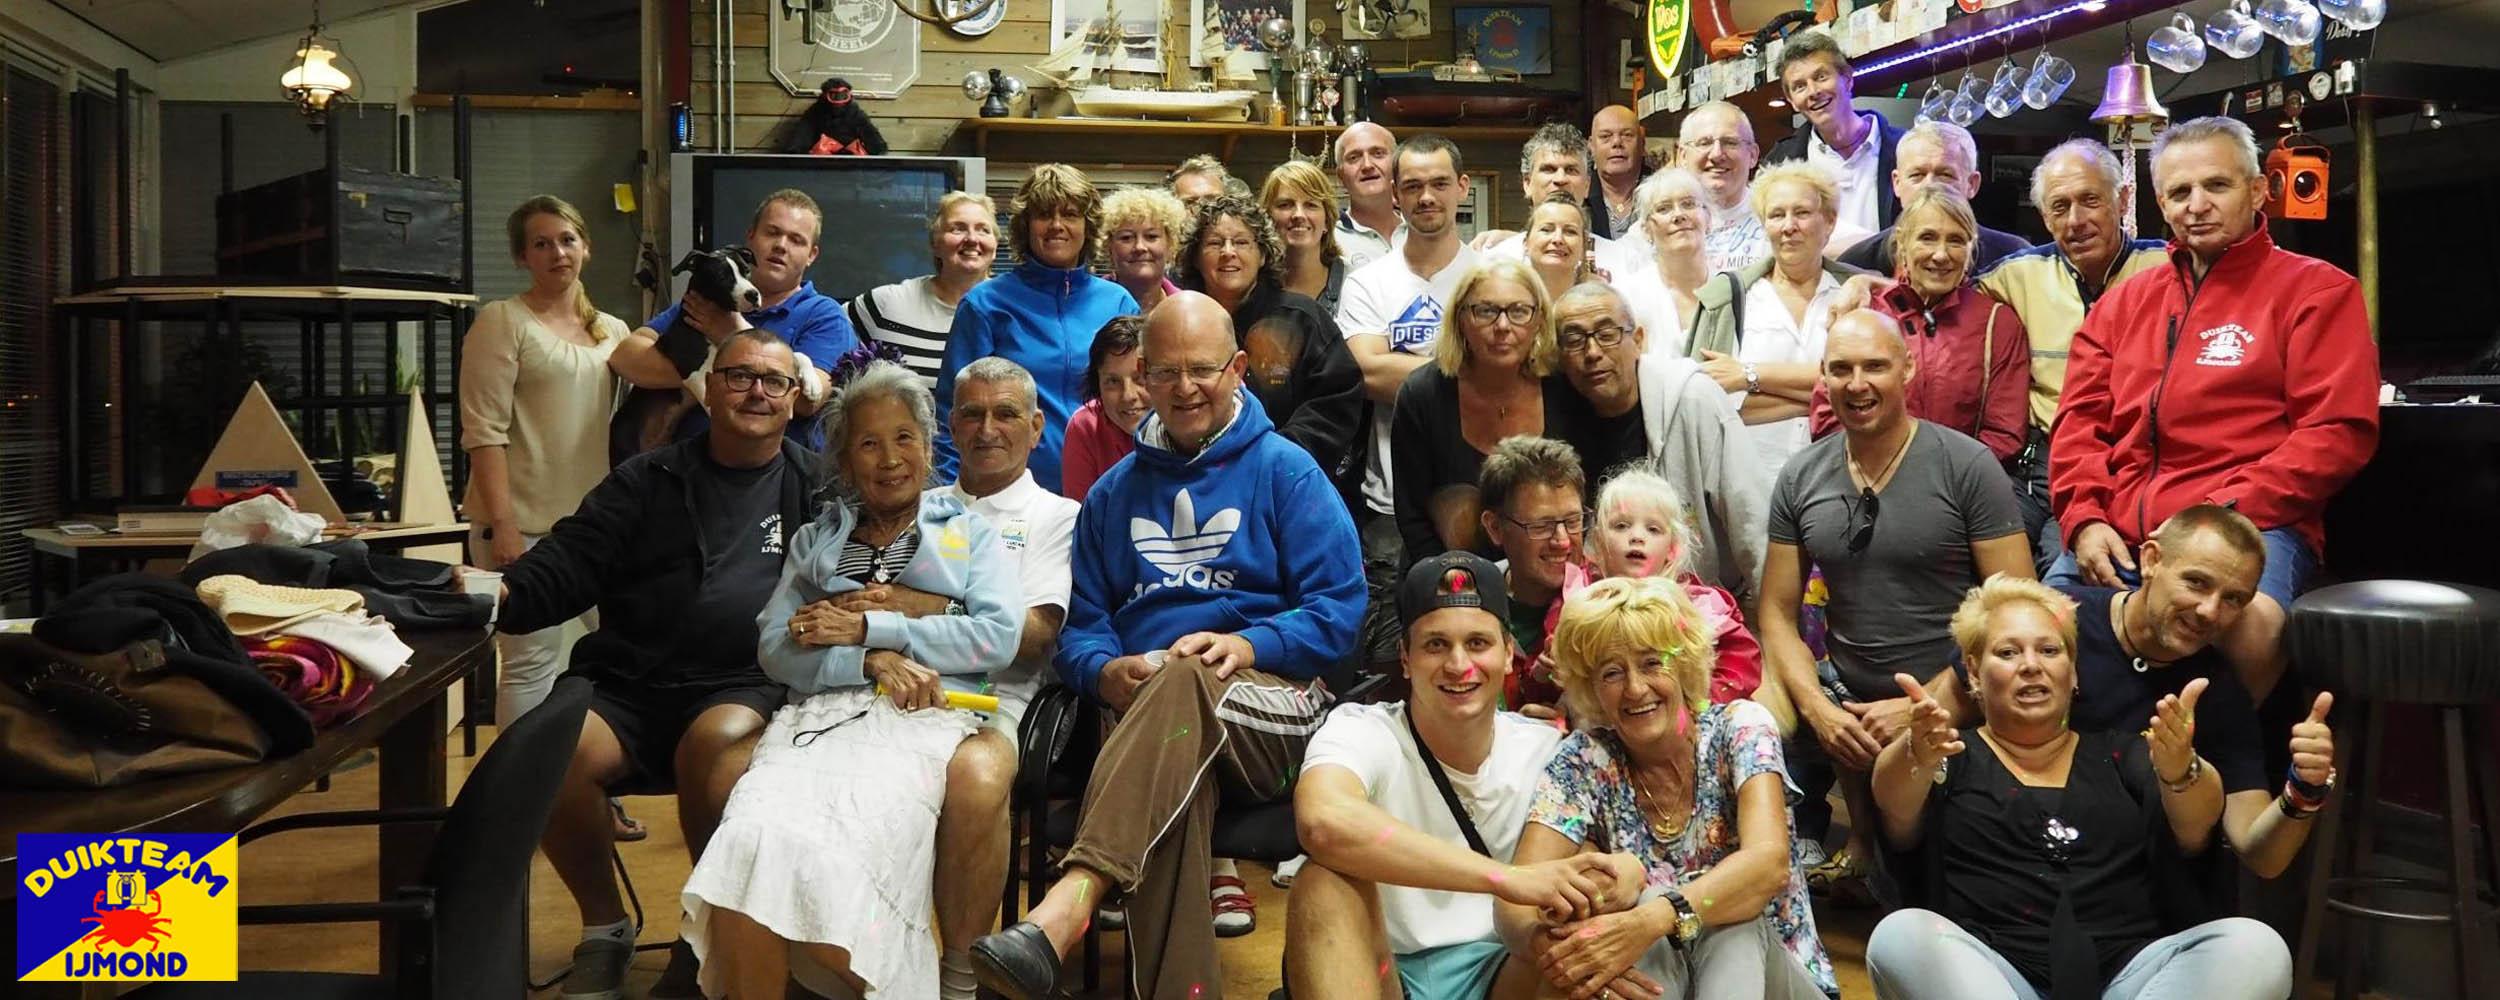 Groepsfoto in het clubhuis van duikteam ijmond